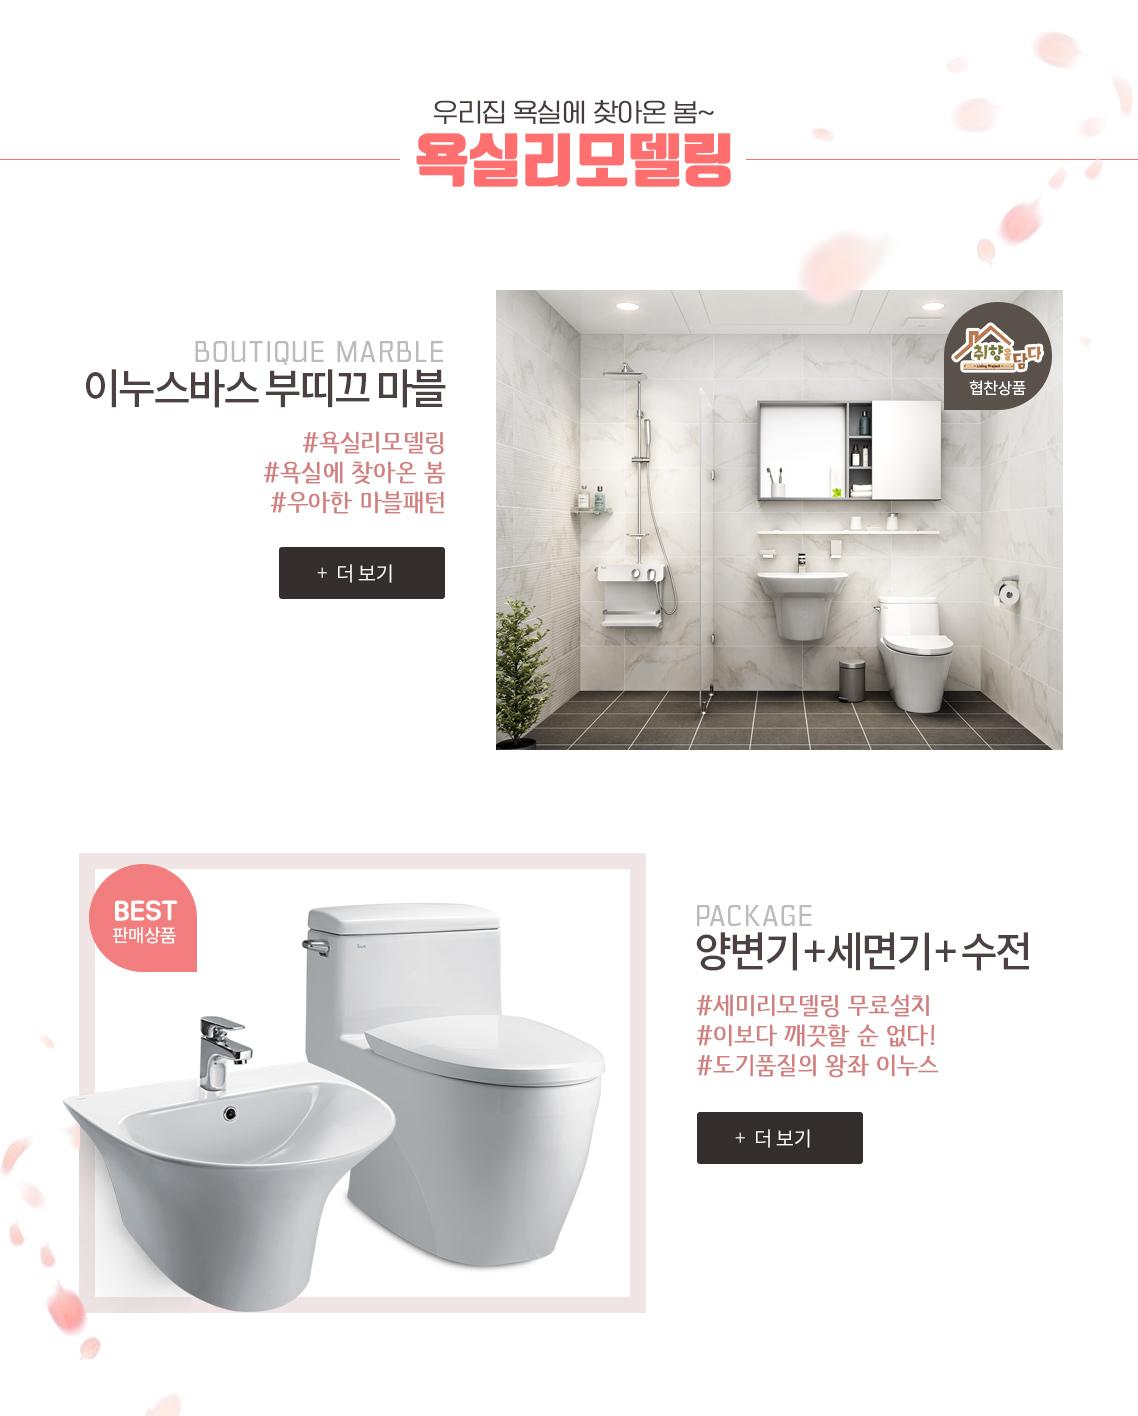 욕실리모델링 상품소개